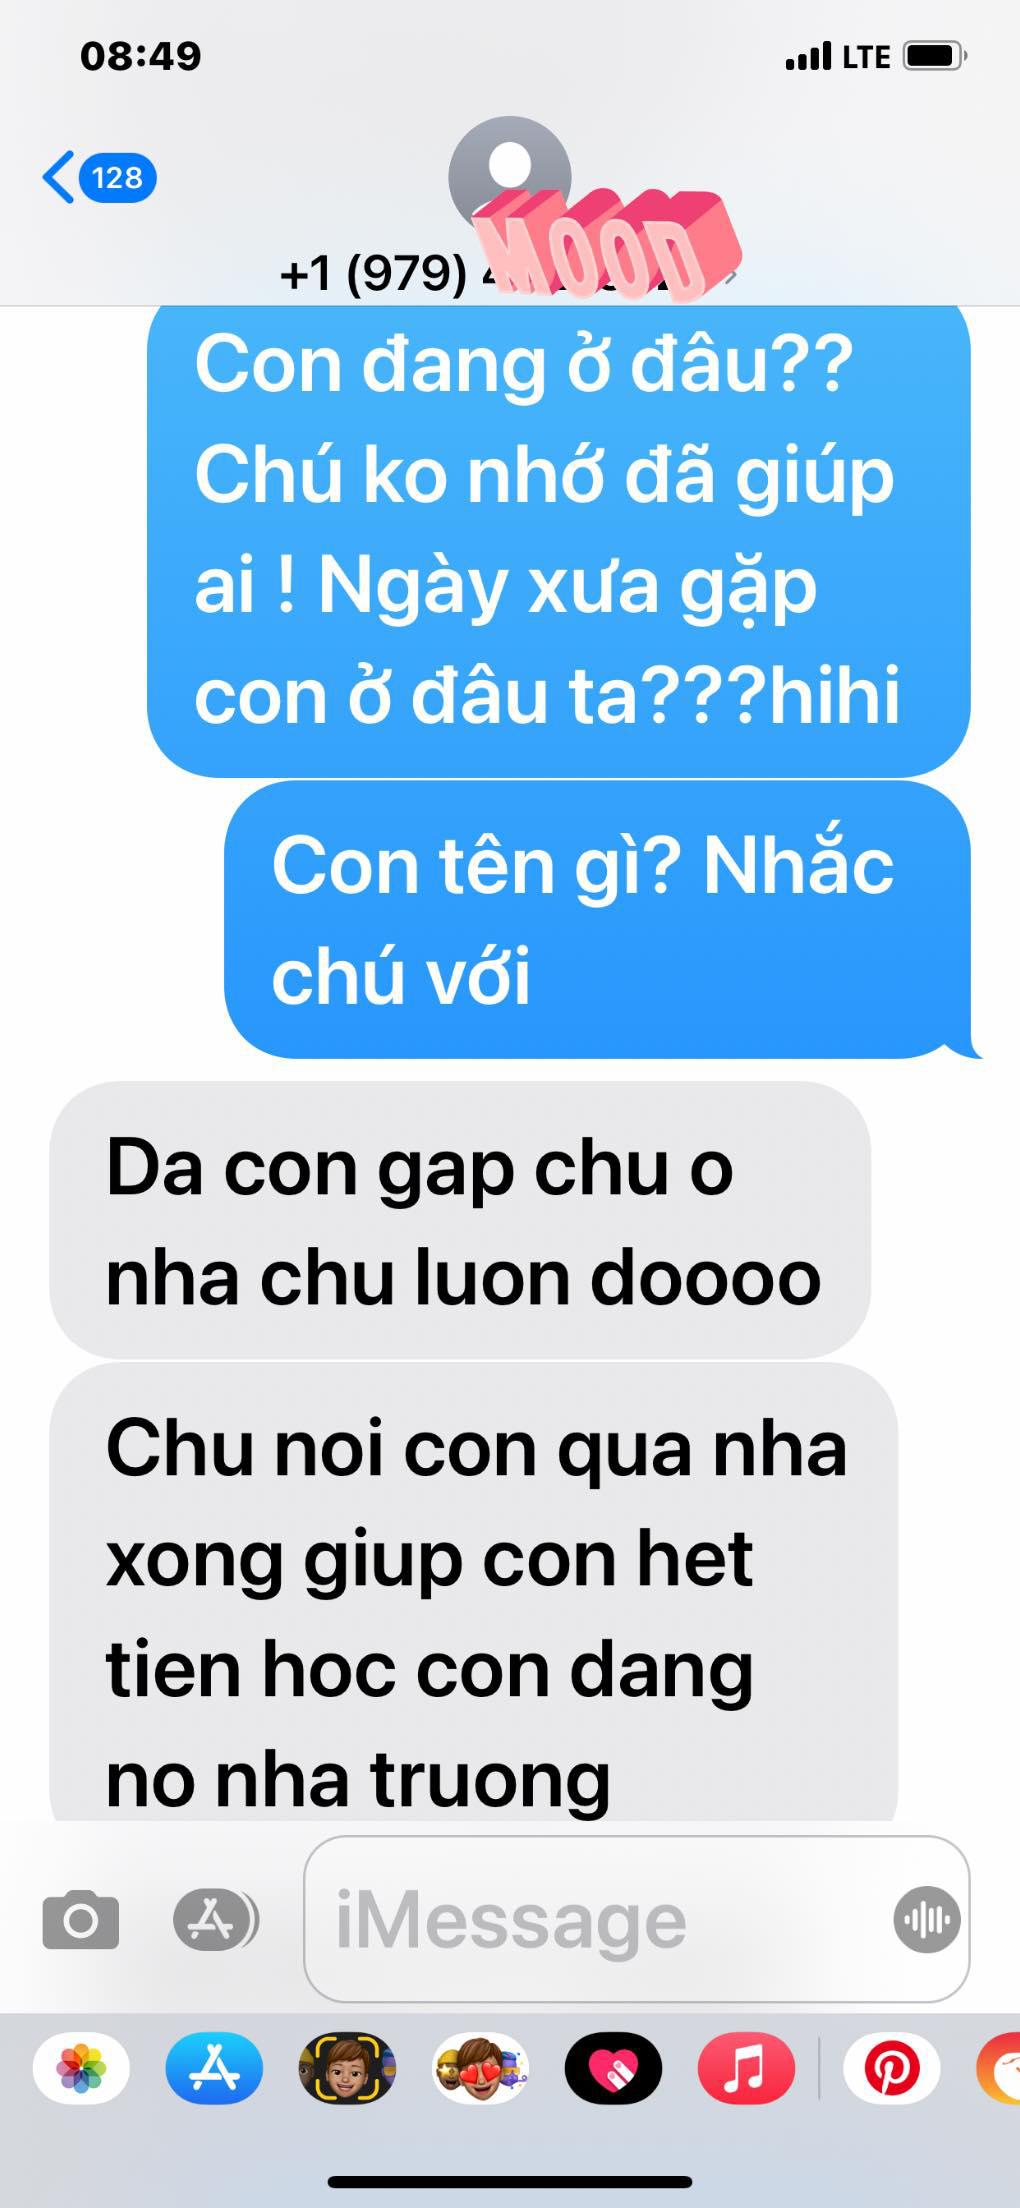 Câu chuyện cảm động của Đàm Vĩnh Hưng khi nhận loạt tin nhắn của người lạ - Ảnh 8.